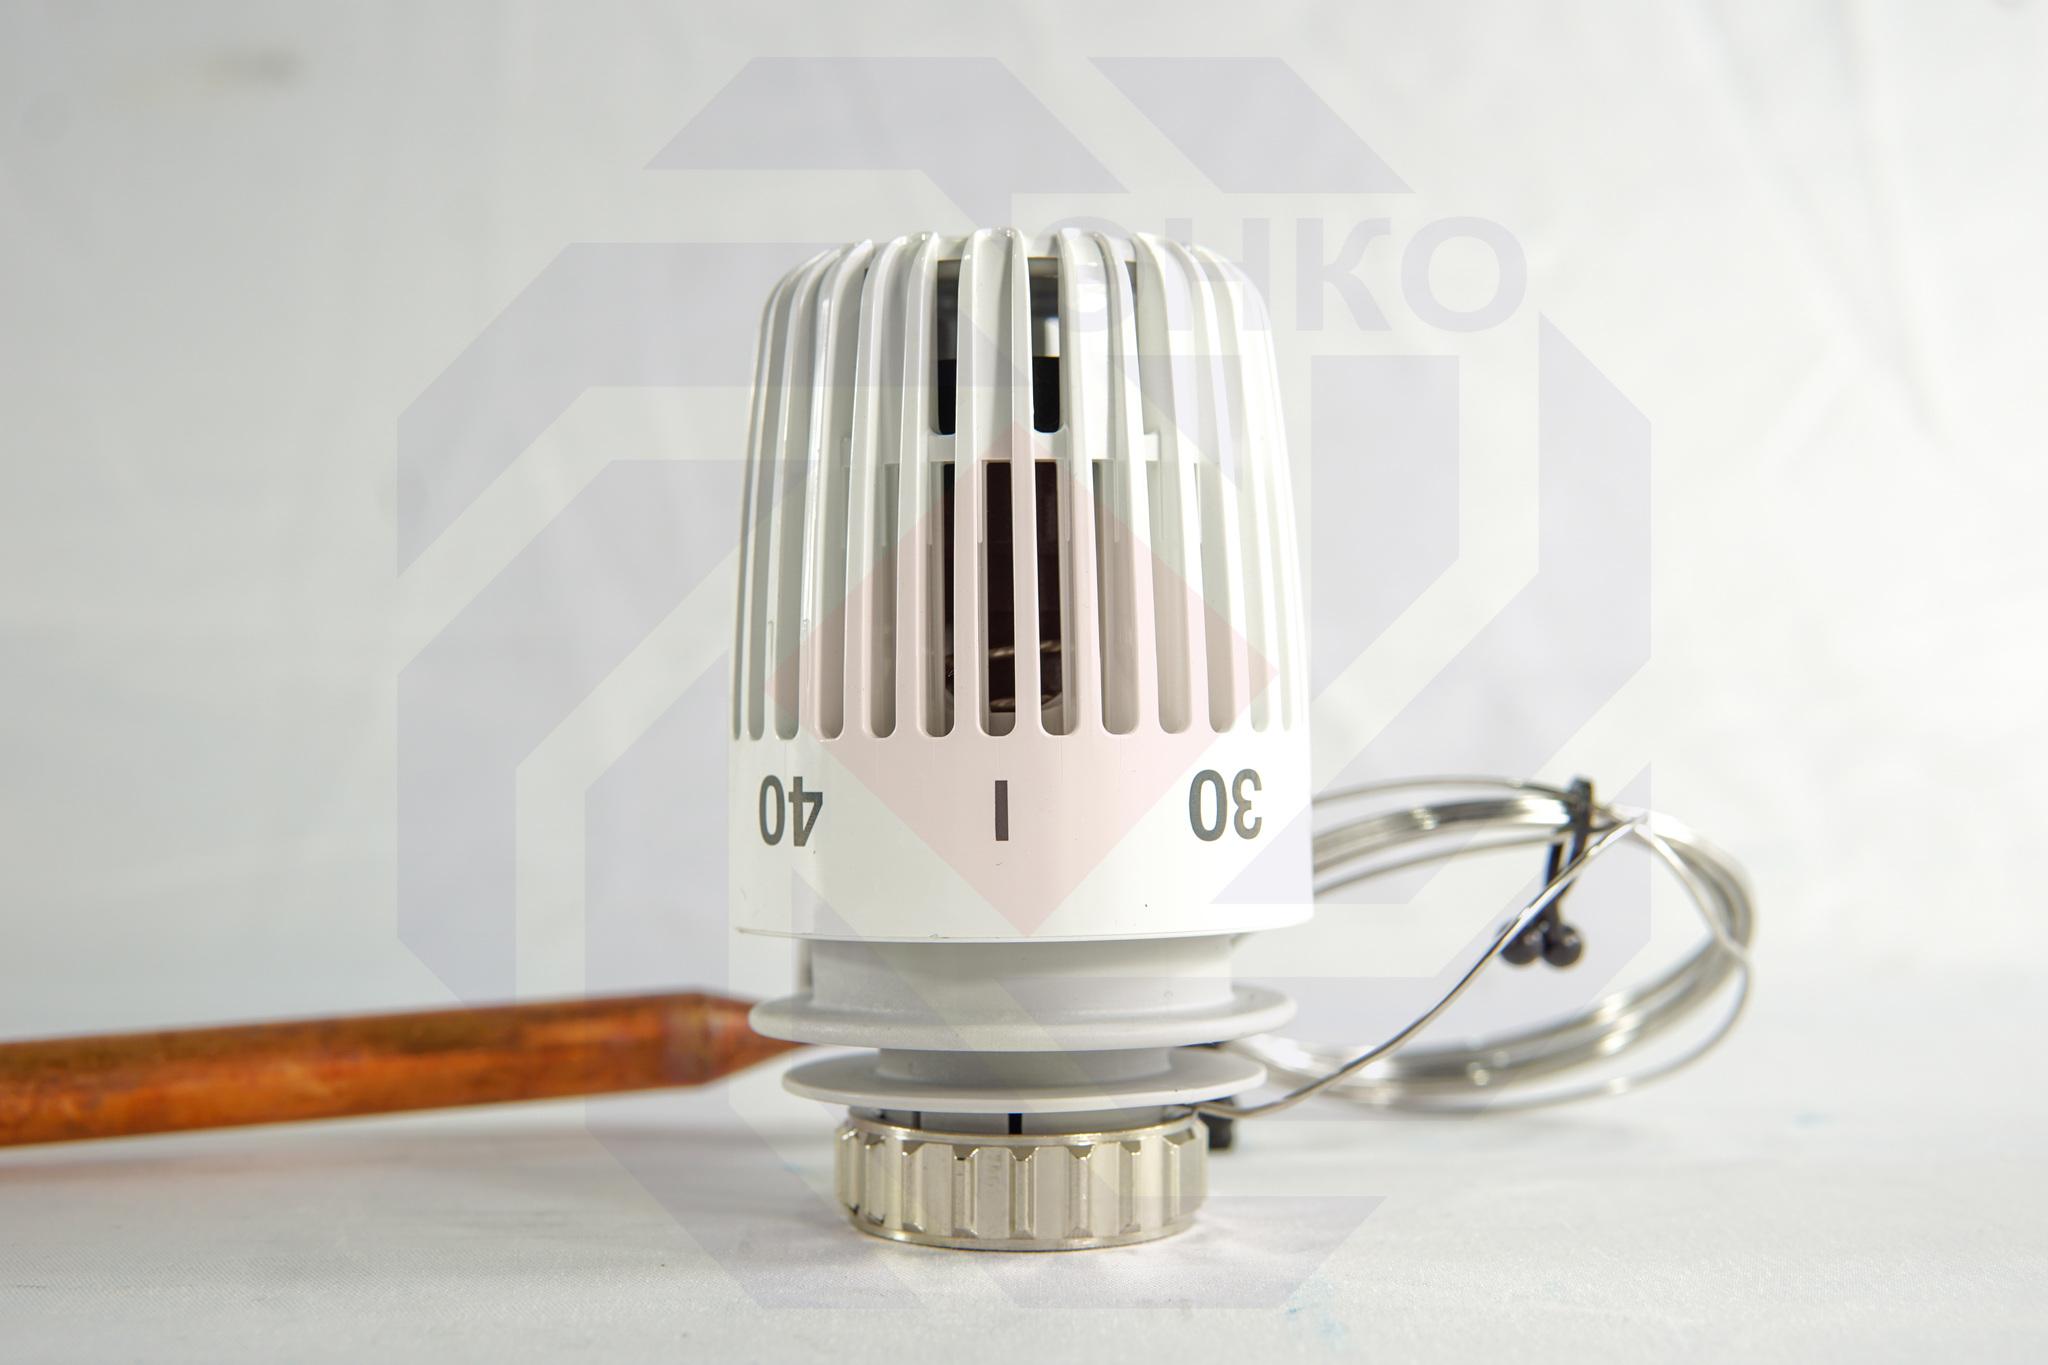 Головка термостатическая IMI K с дистанционным датчиком